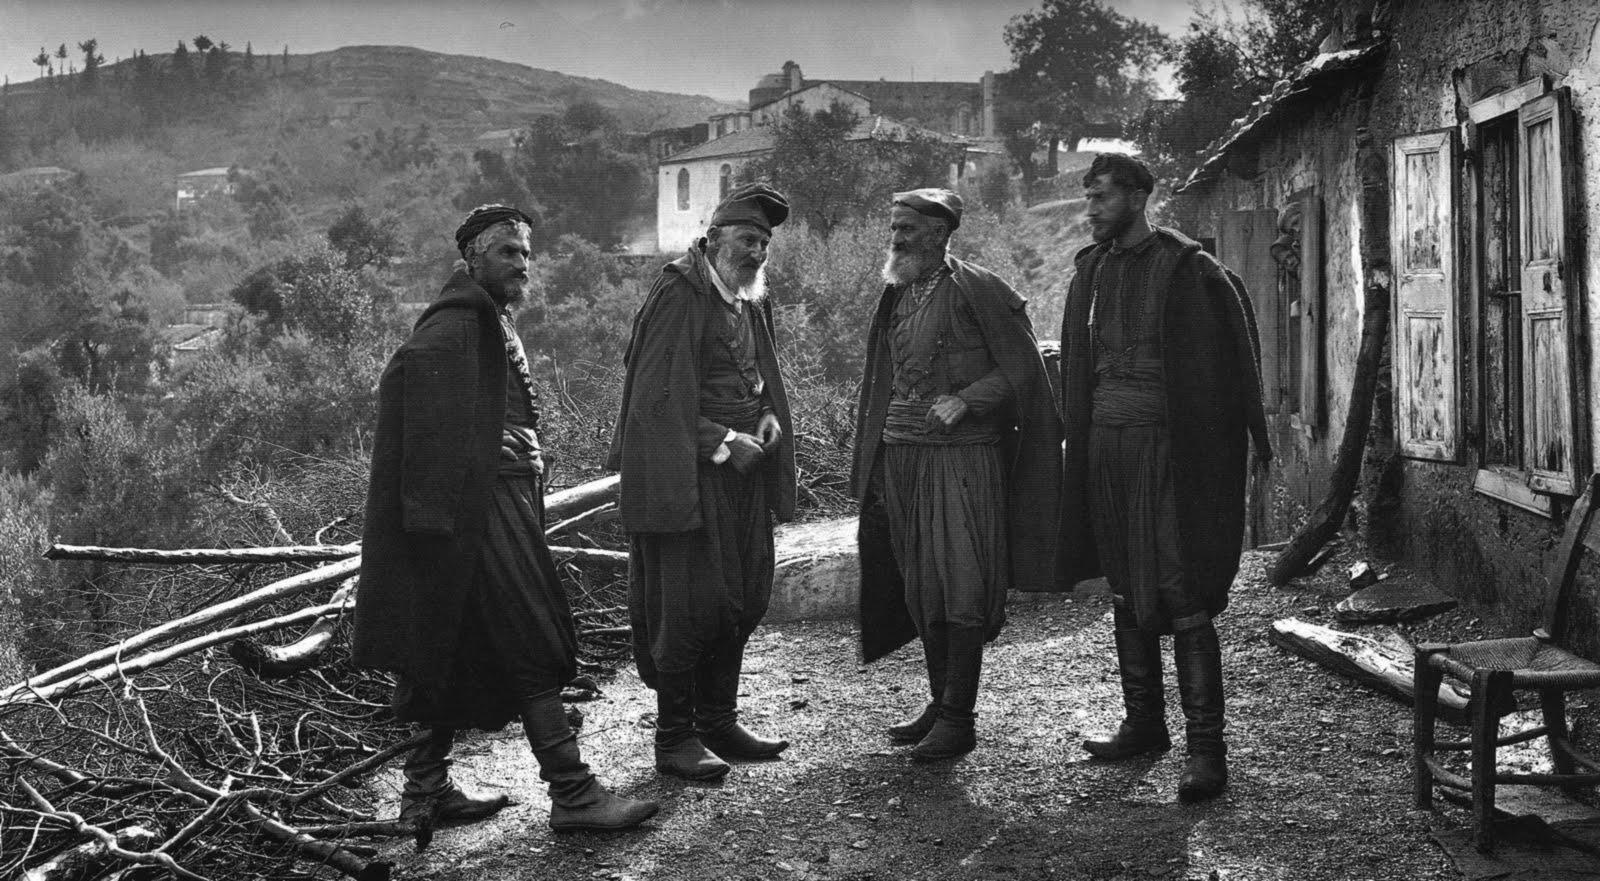 Οι αδελφοί Μάντακα στους Λάκκους Χανίων - 1911